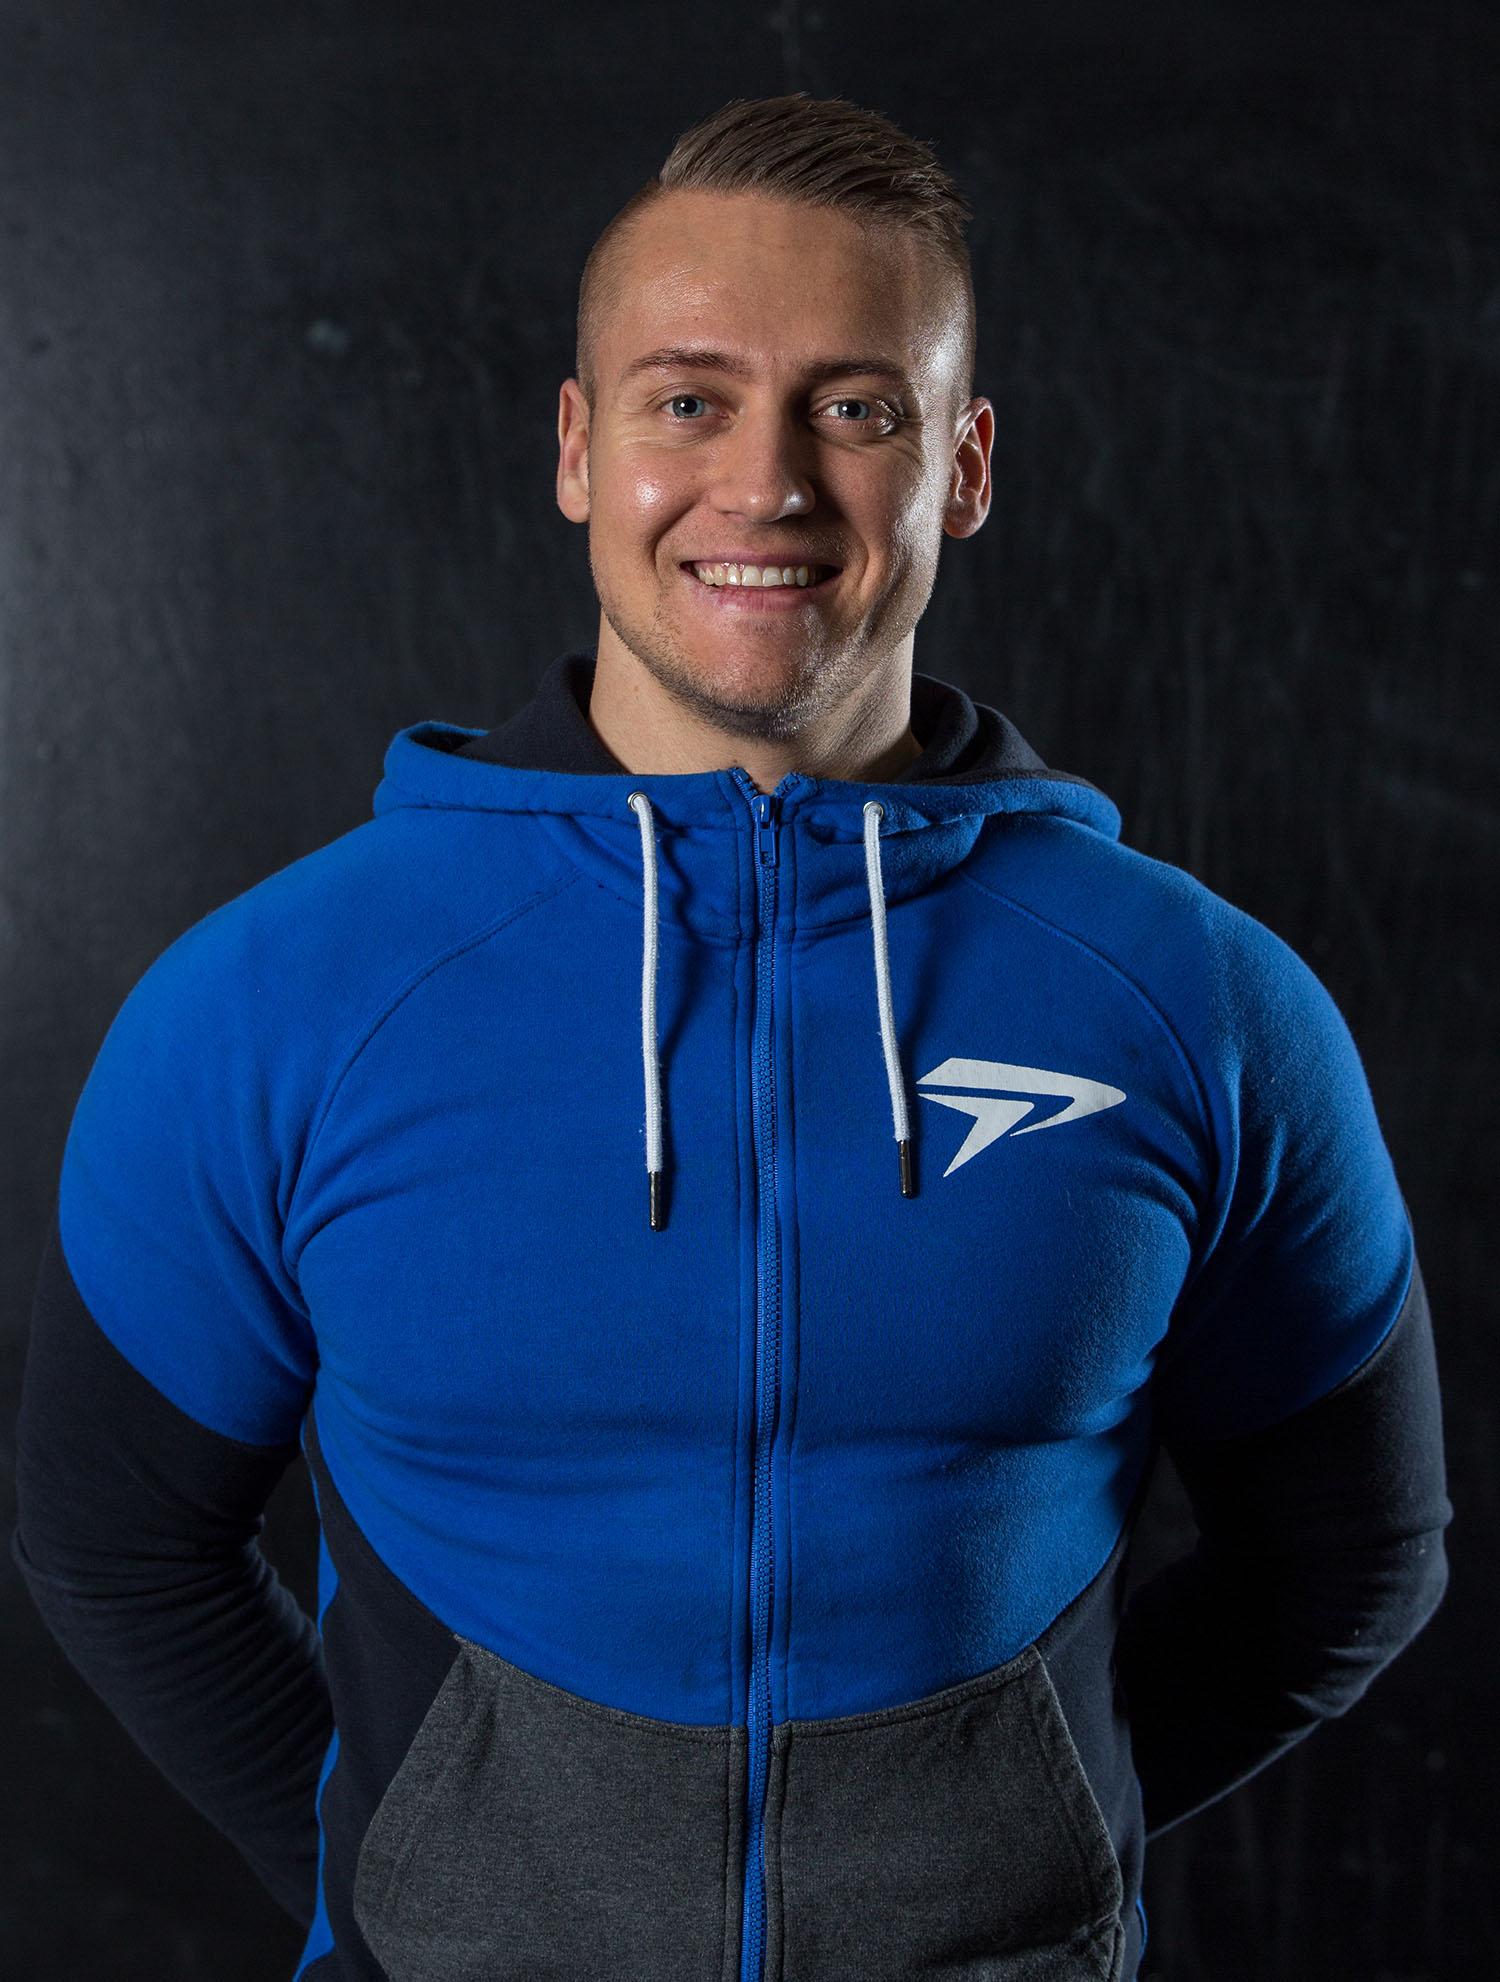 ANDRE SVANEVIK - Personlig trener